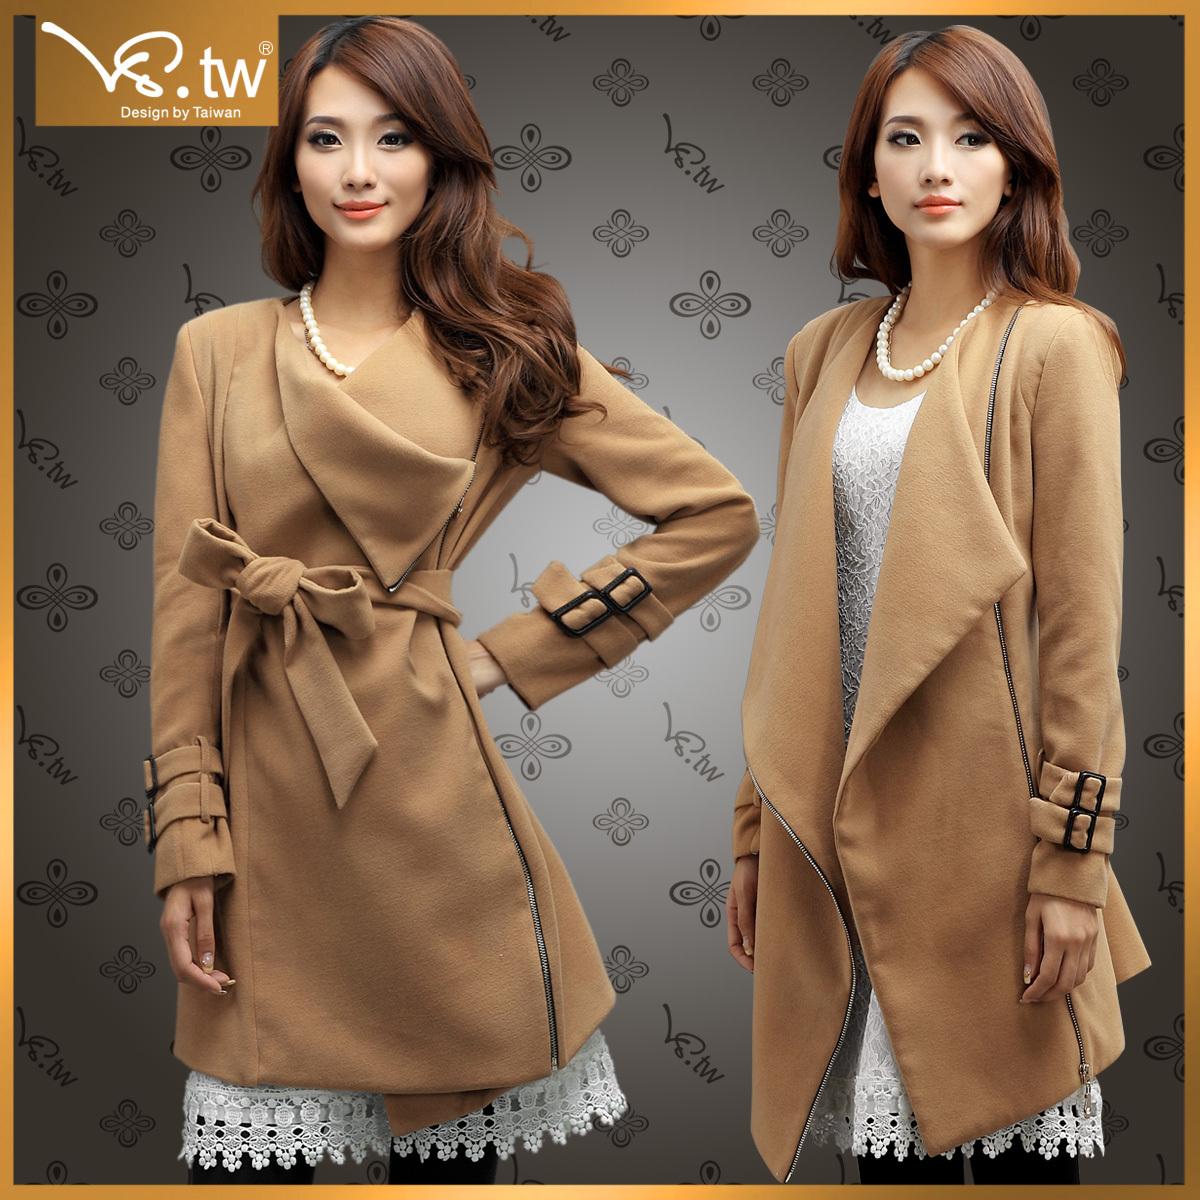 женское пальто VS.TW s2242 VS.tw2012 Зима 2012 Средней длины (65 см <длины одежды ≤ 80 см) VS.TW Длинный рукав Классический рукав